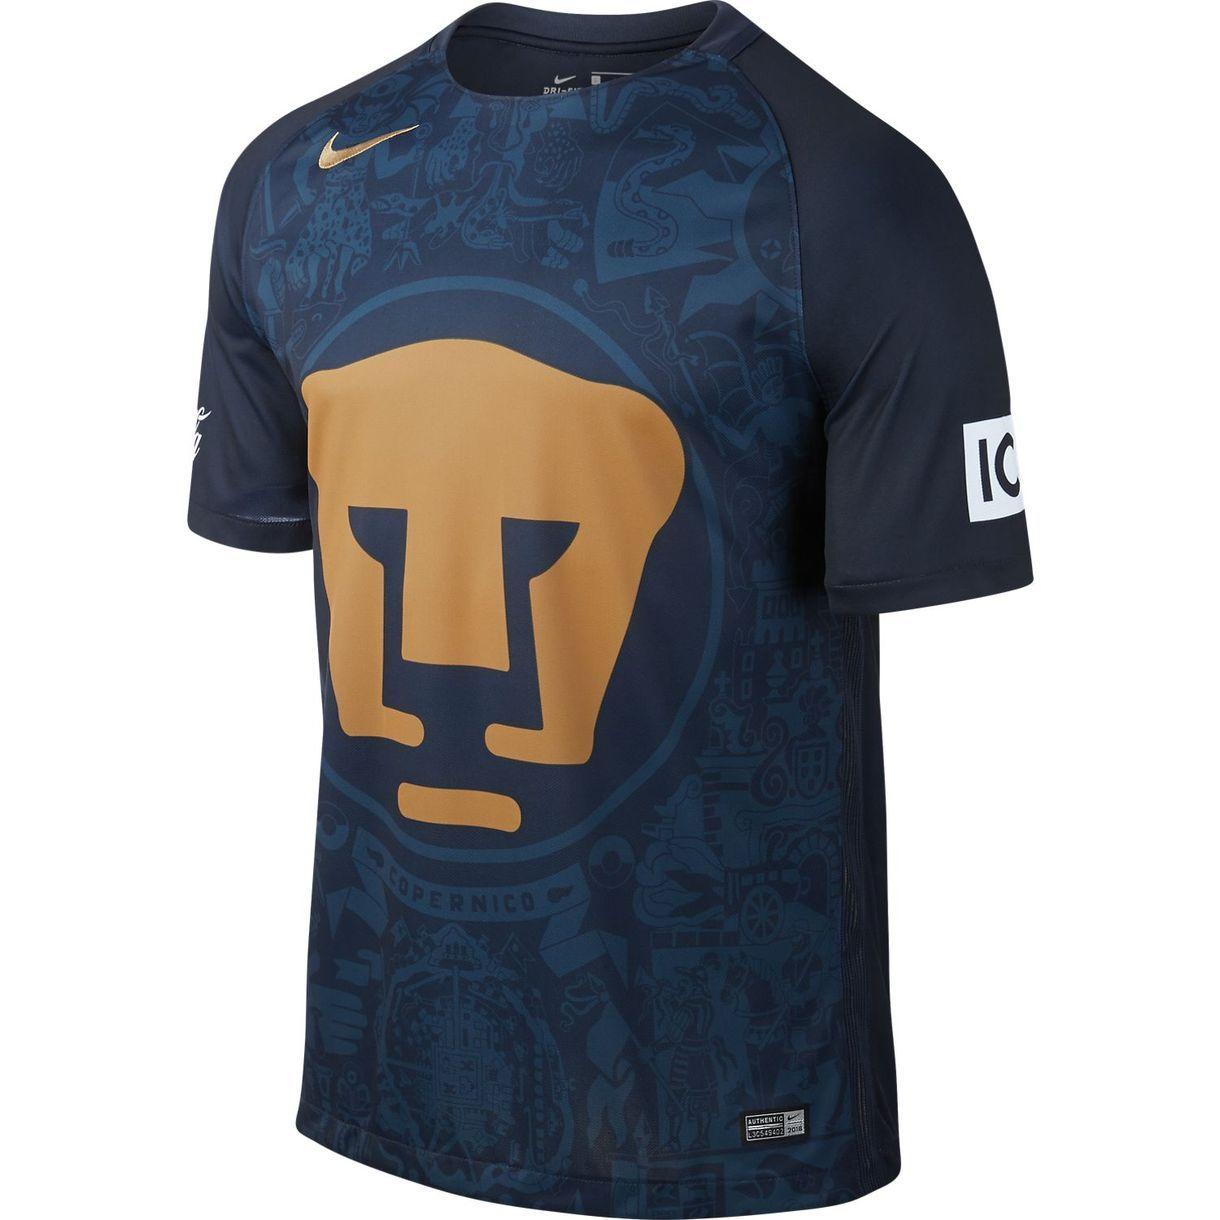 806ef6358 Pumas UNAM Away Shirt 2016/17 | Football Kit | Pumas, Nike, Football ...